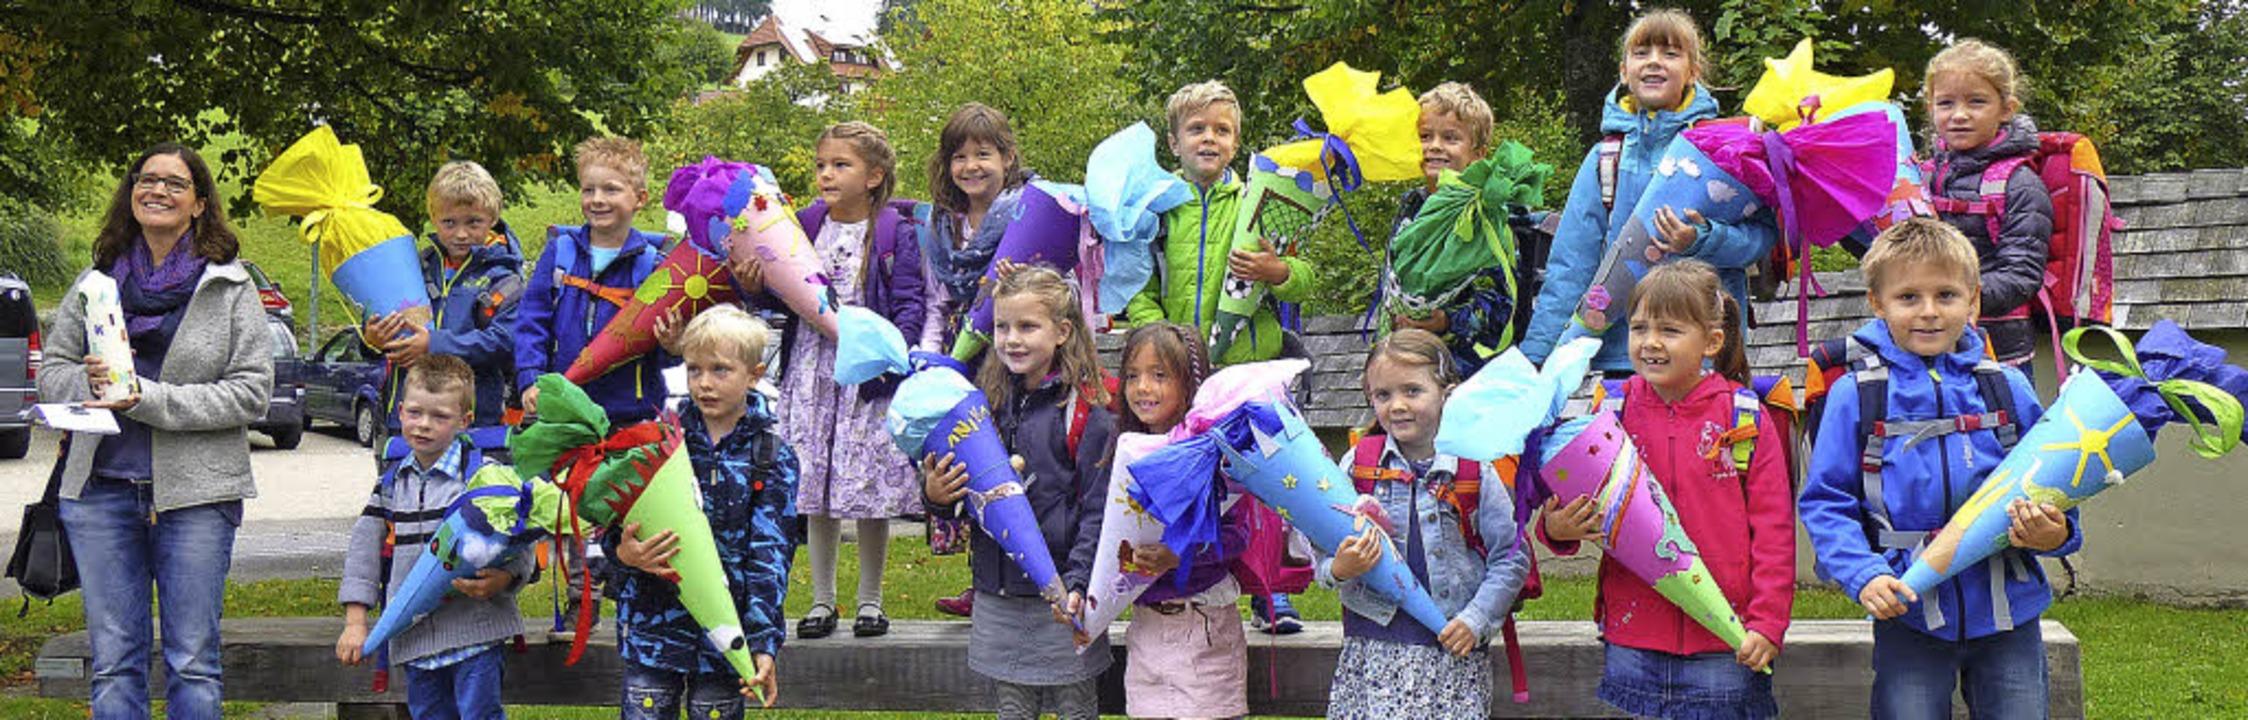 15 Kinder wurden in Breitnau eingeschult  | Foto: Sarah Beha